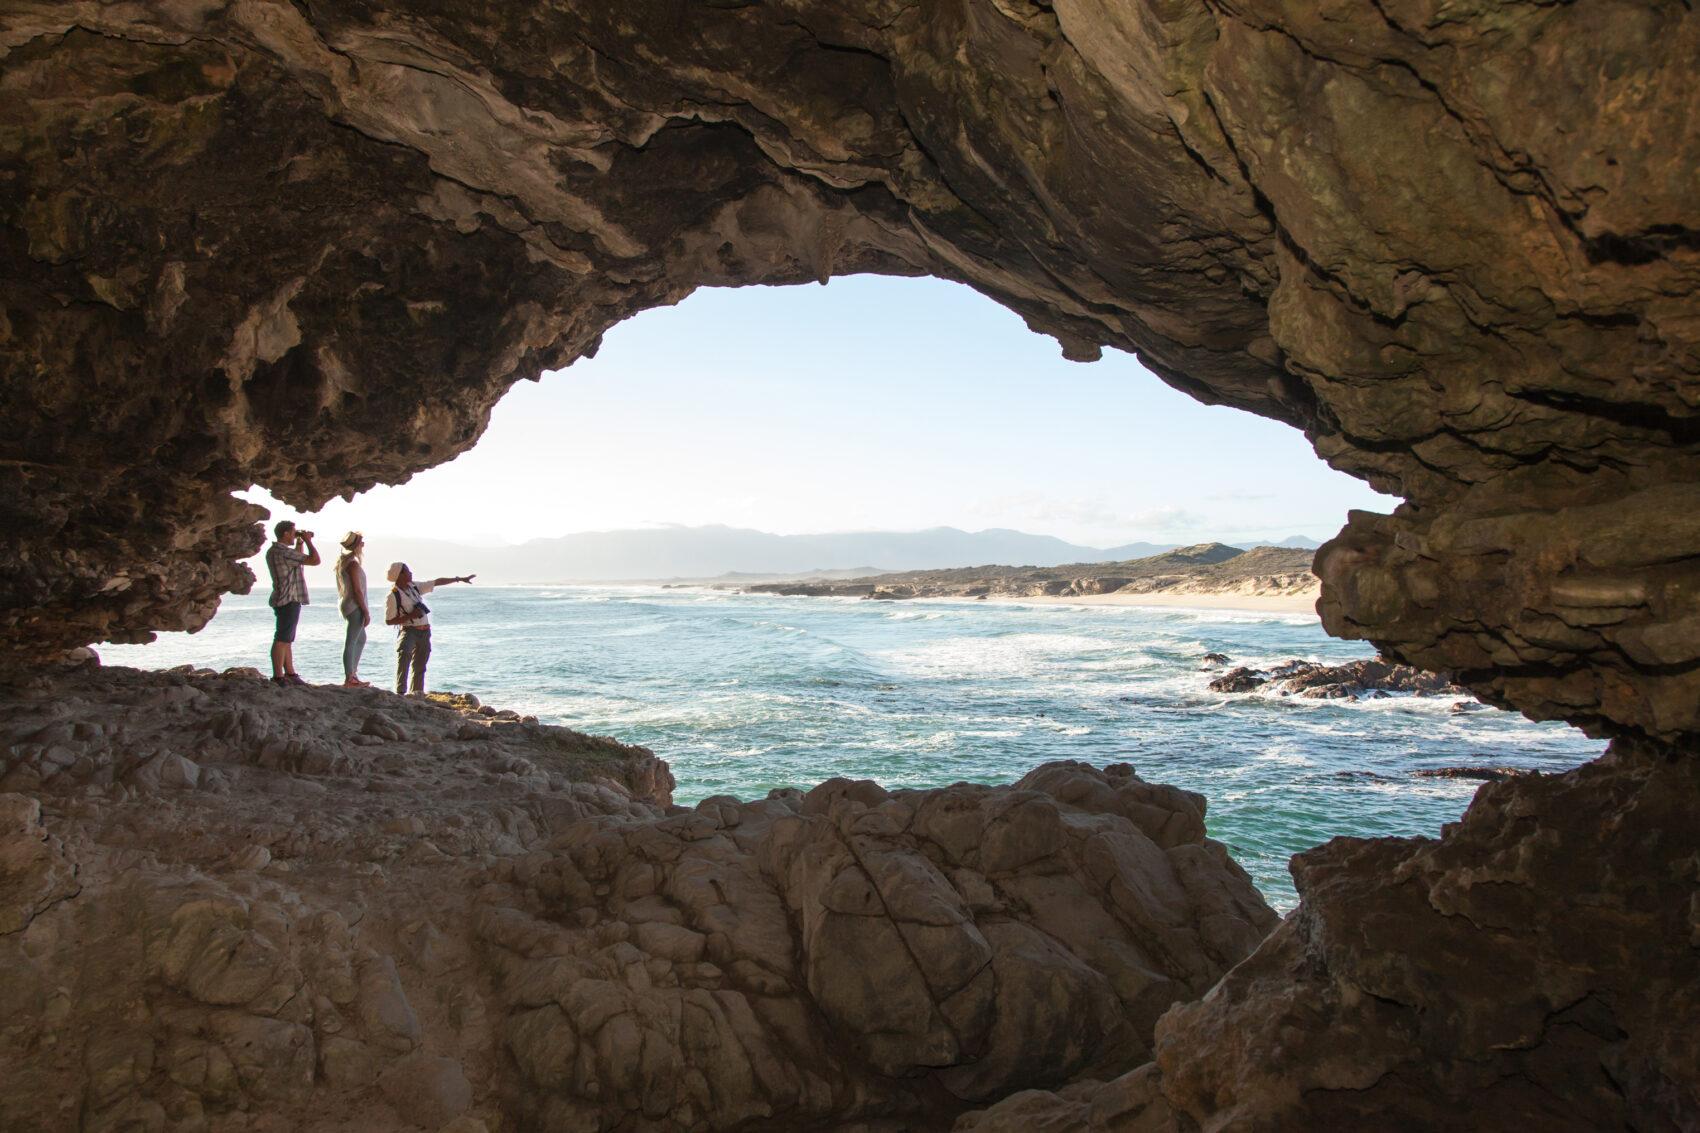 Grootbos coastal safari caves